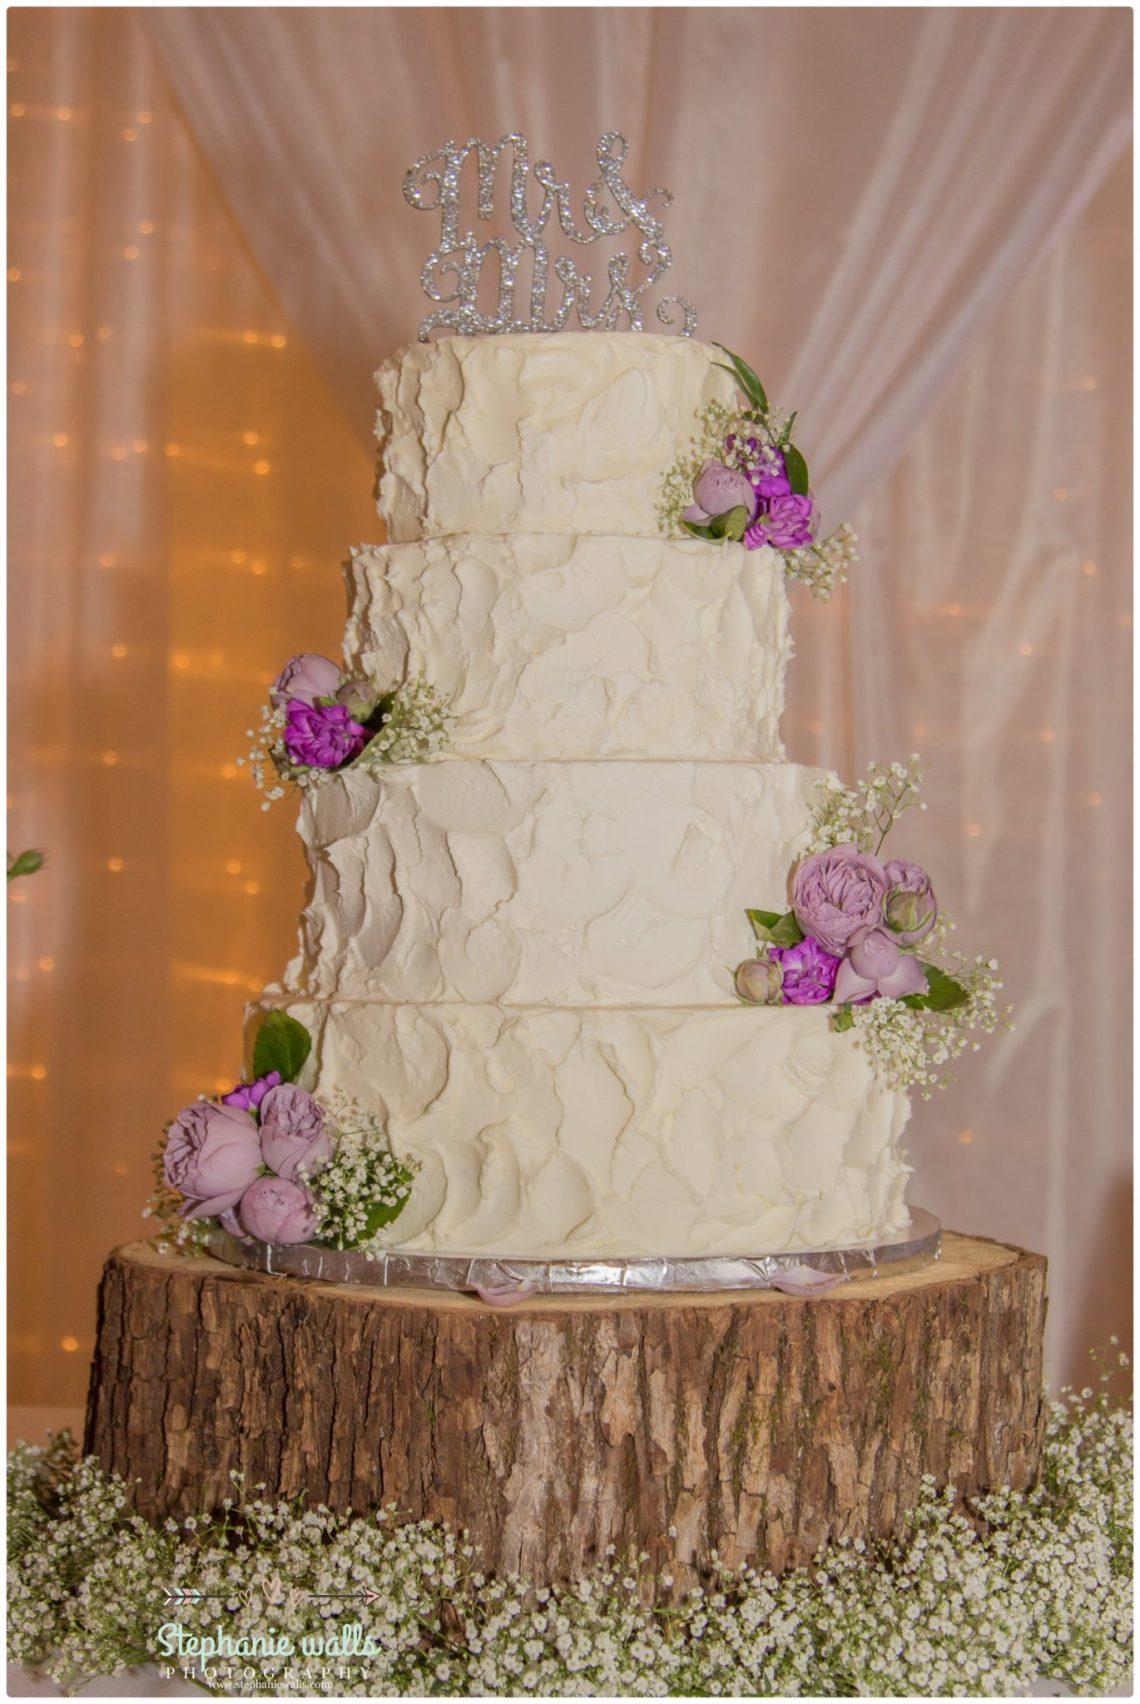 Schroeder Wedding 109 Grand Willow Wedding   Grand Willow Inn Mount Vernon Wedding